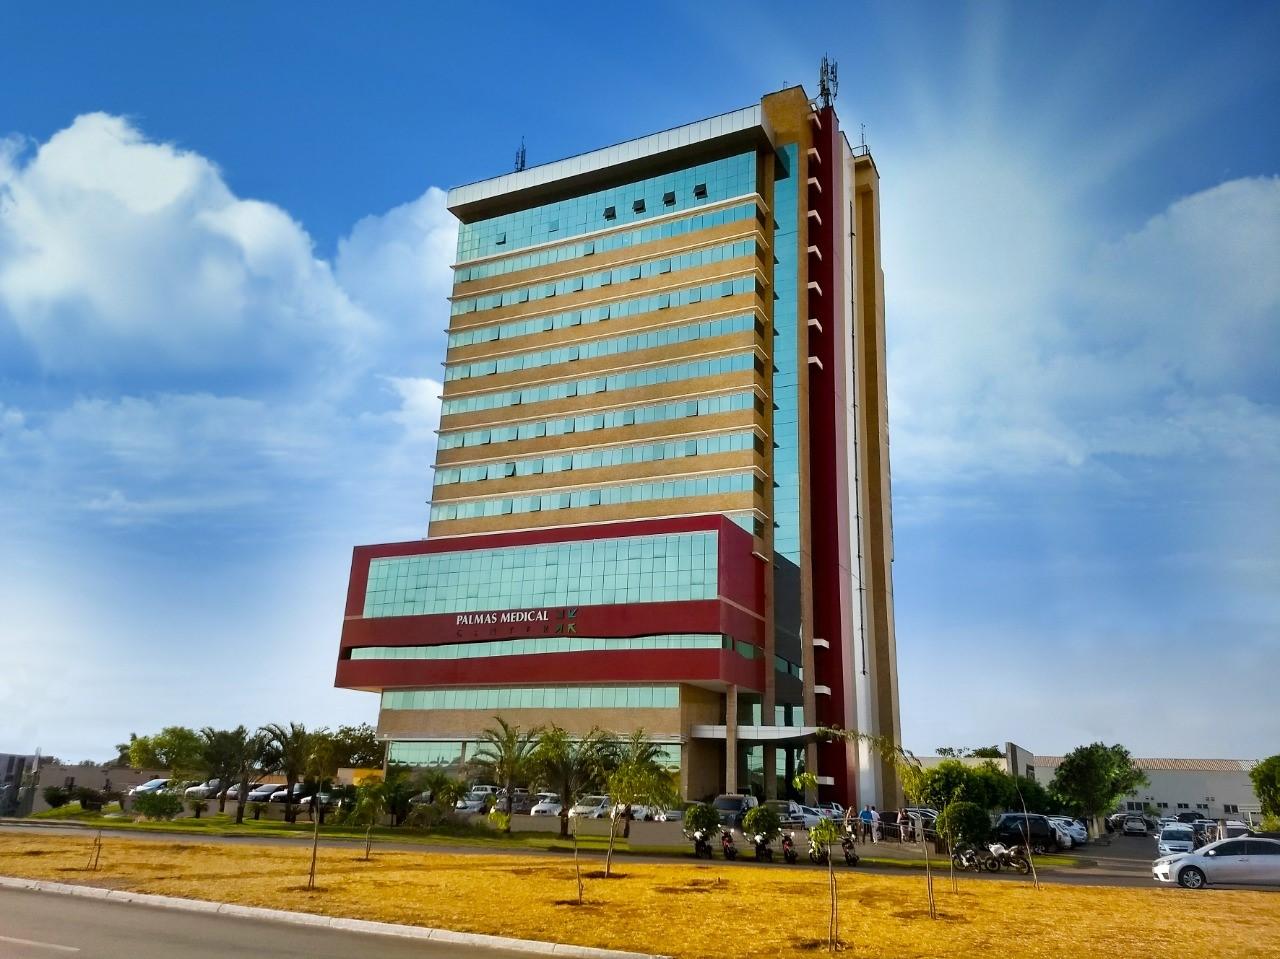 Hospital Palmas Medical amplia instalações e inaugura expansão nesta segunda, 22